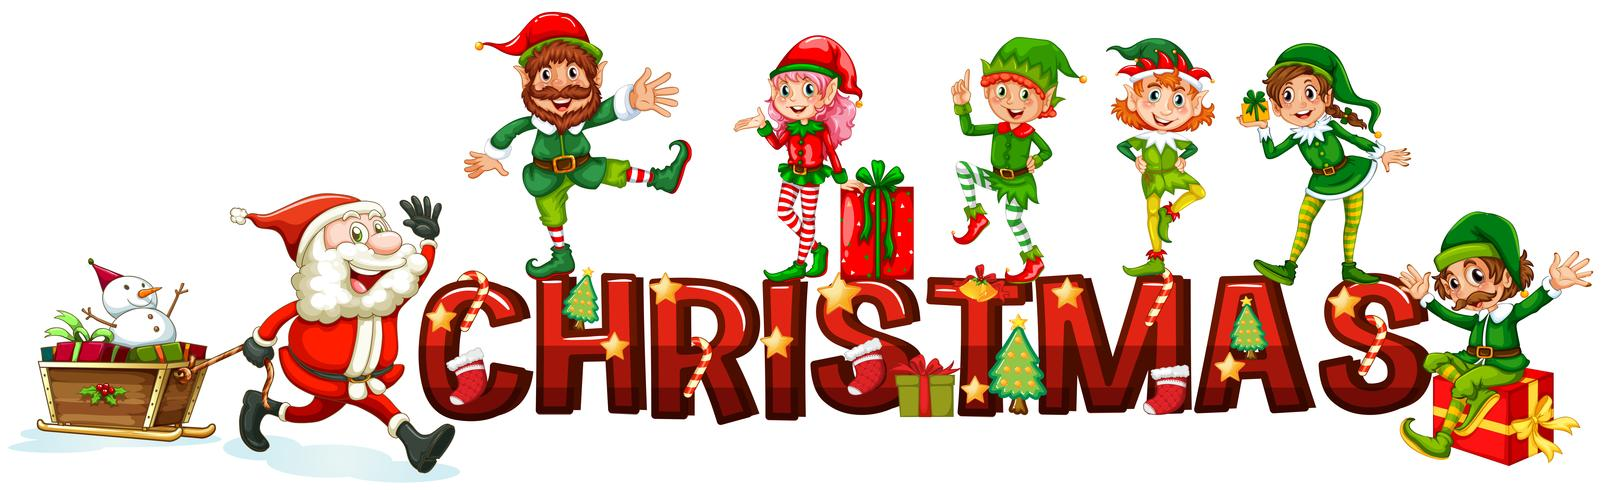 Cartel navideño con santa y elfos.